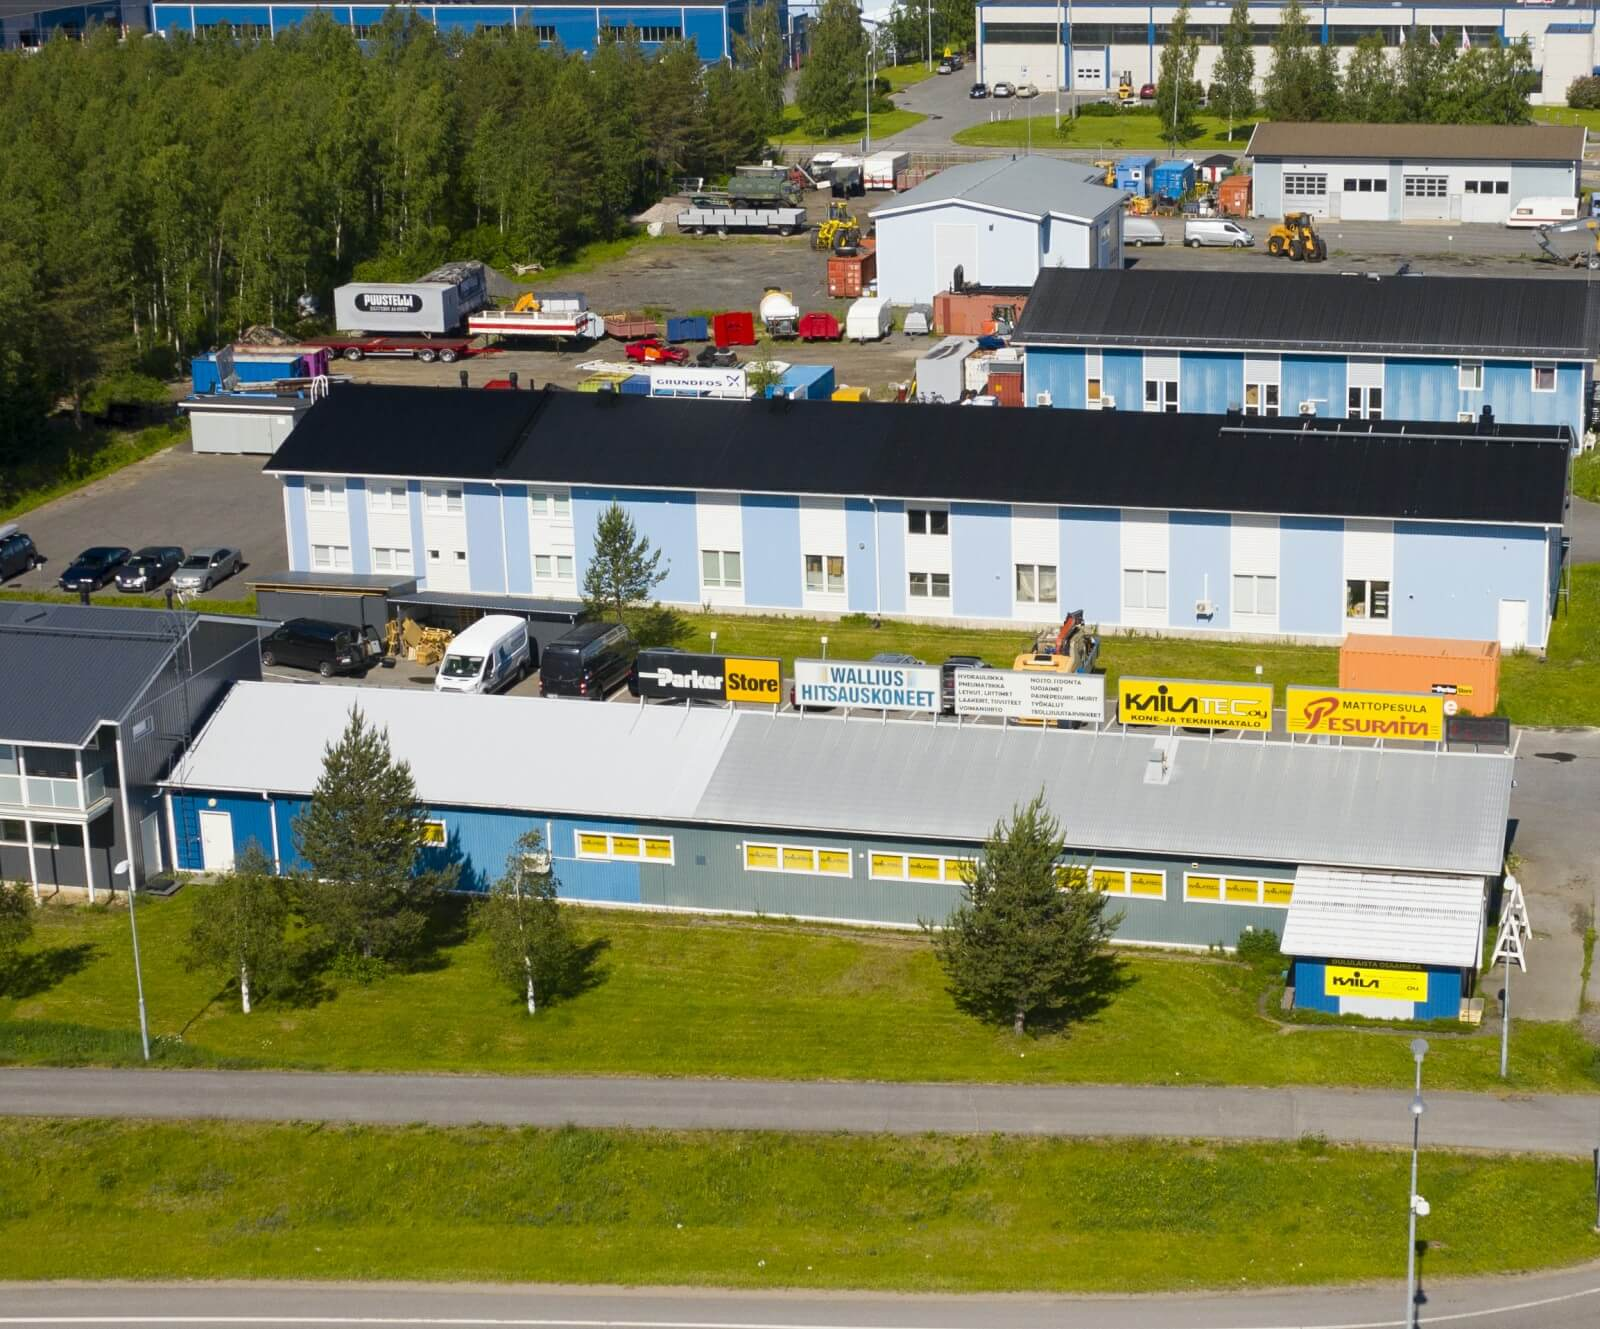 Kailatec Oy - Teollisuuden Tavaratalo Oulussa